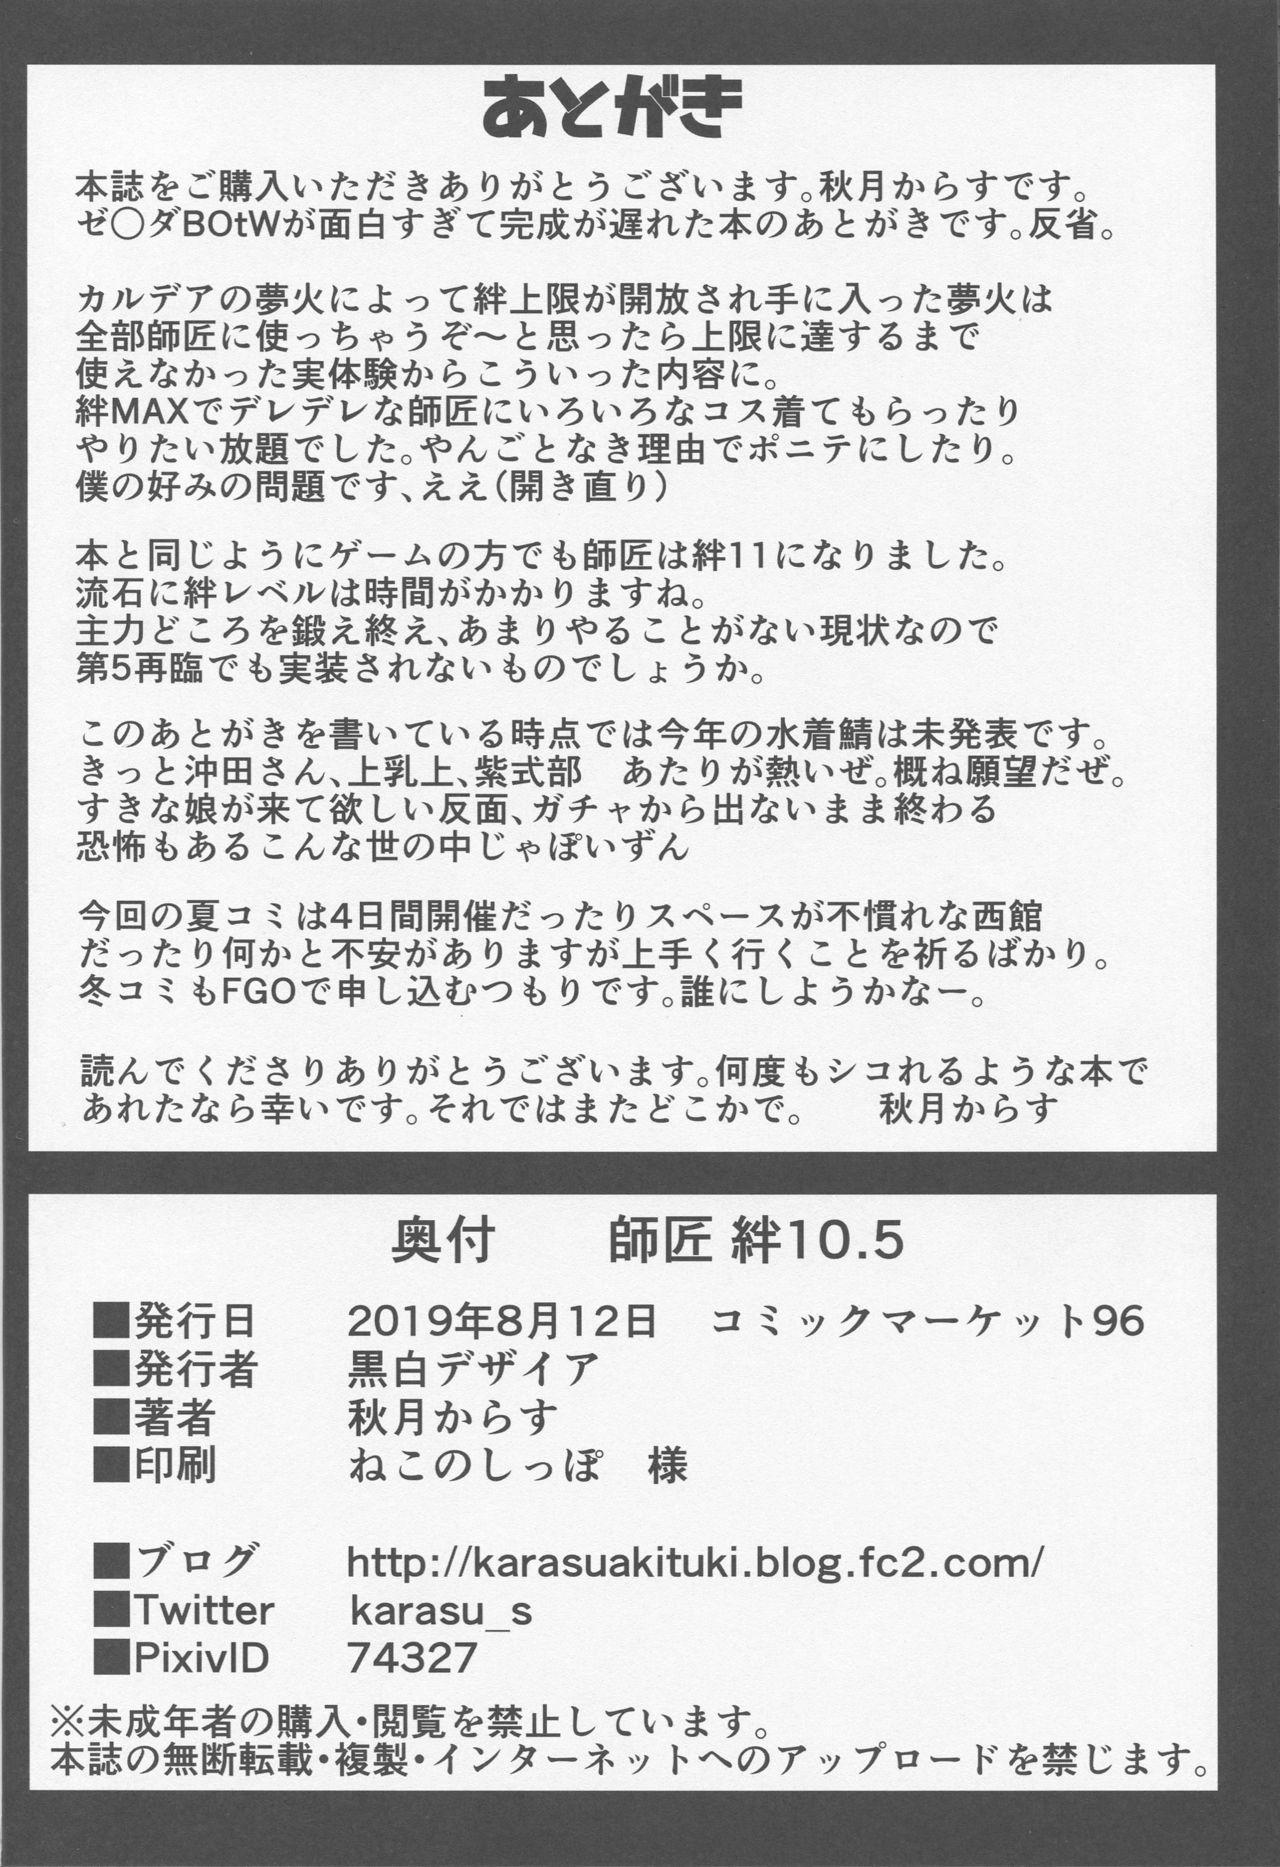 Shishou Kizuna 10.5 24